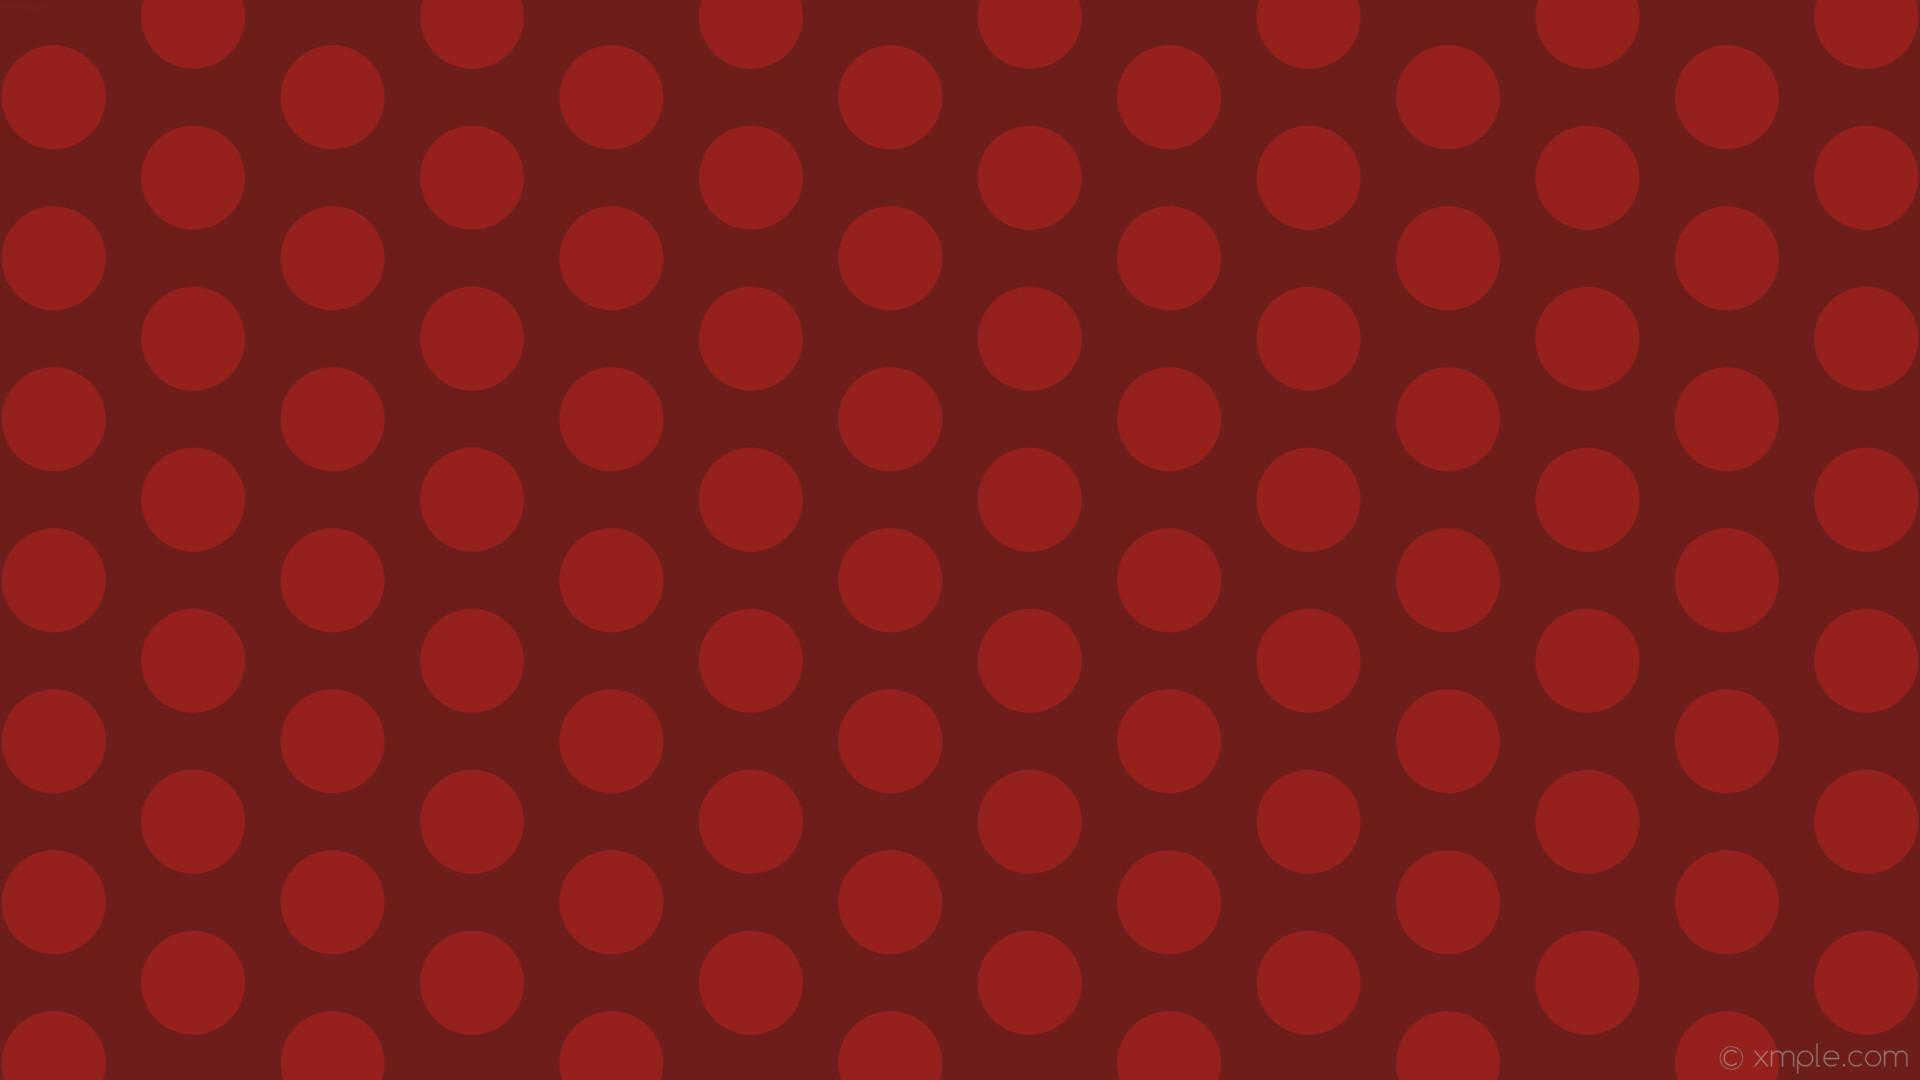 wallpaper hexagon red polka dots #6e1e1a #96201b diagonal 30° 104px 161px